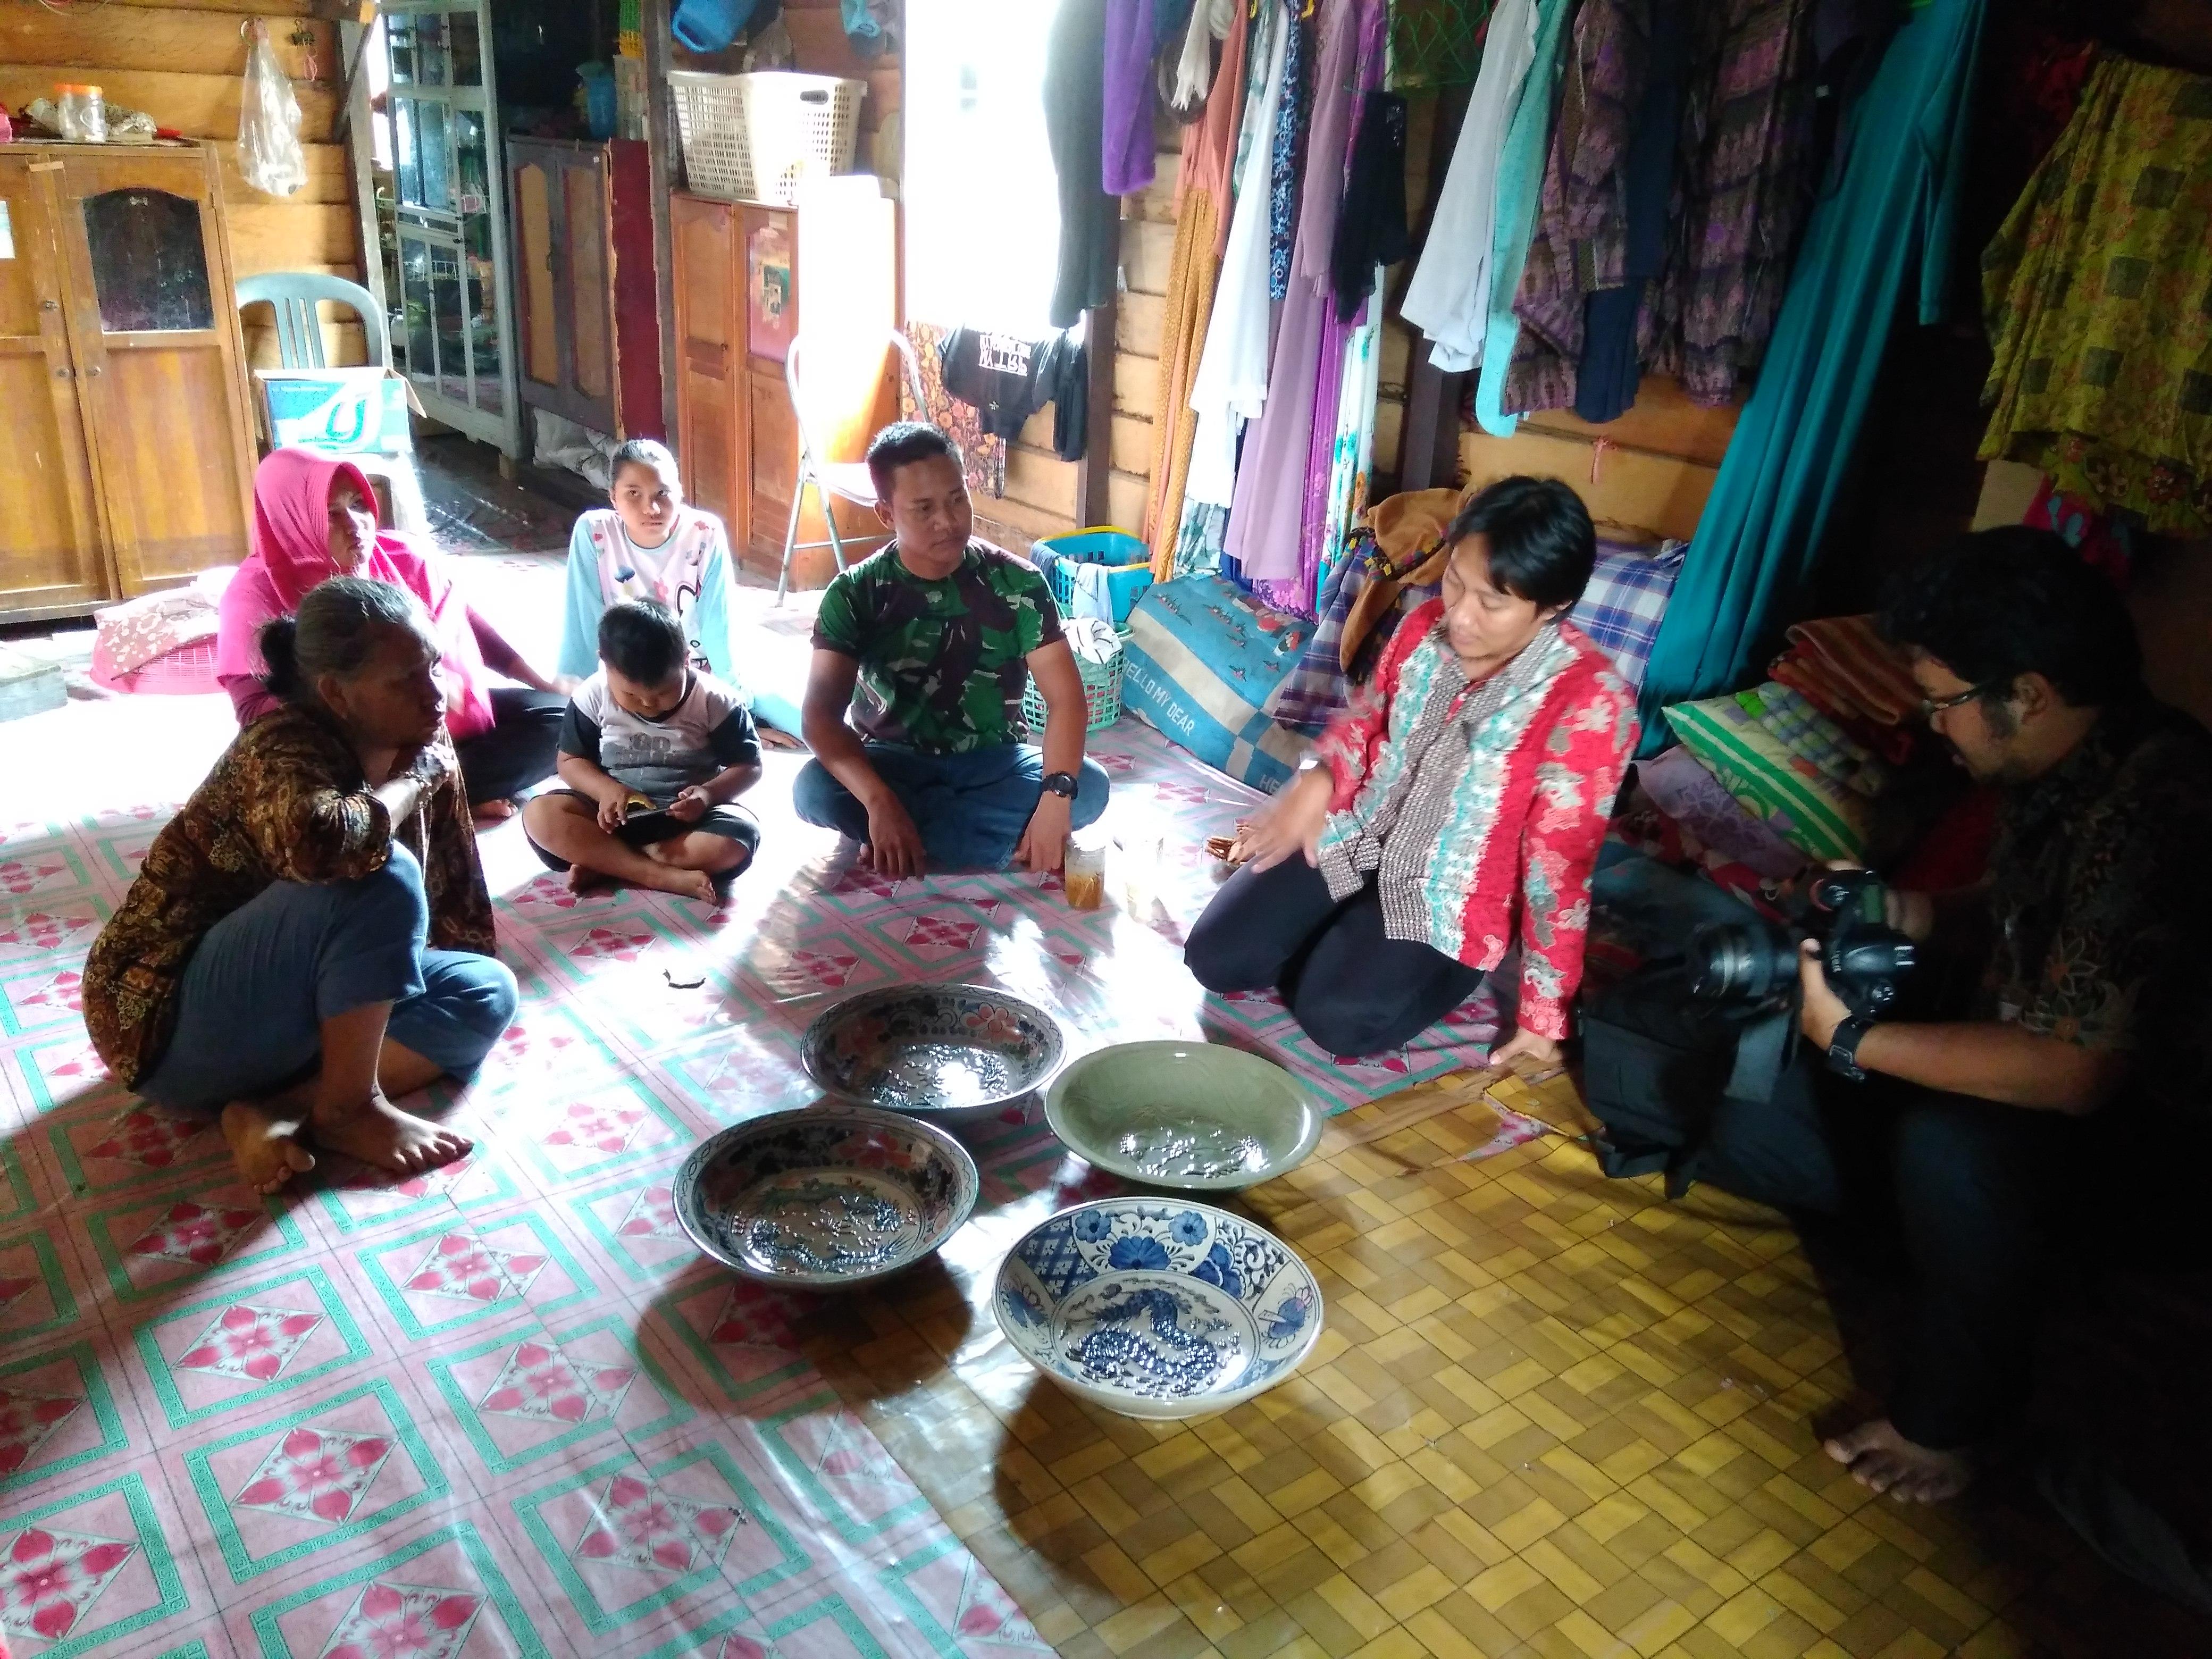 Peninjauan Temuan Benda yang Diduga Cagar Budaya di Kecamatan Sebulu, Kab. Kutai Kartanegara